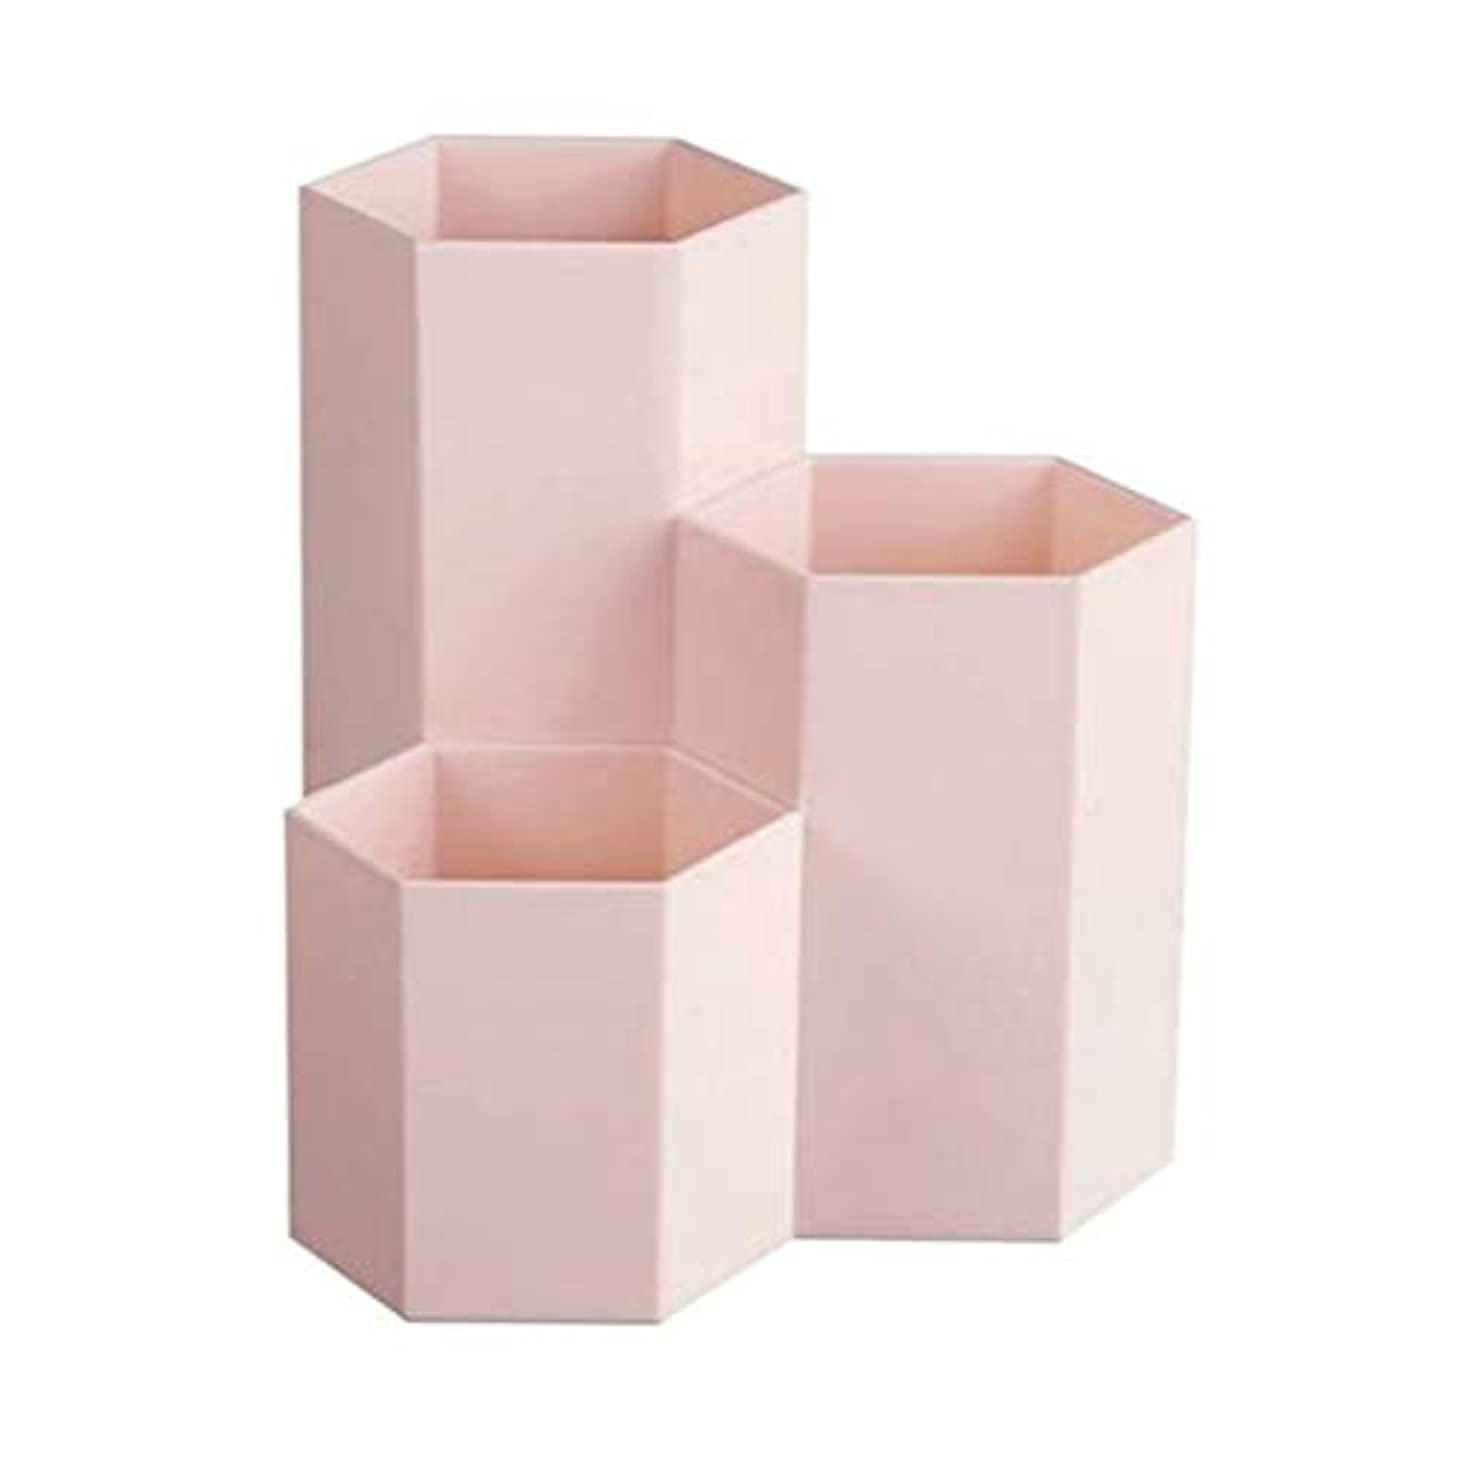 ミルク口実インシュレータTerGOOSE 卓上収納ケース メイクブラシケース メイクブラシスタンド メイクブラシ収納ボックス メイクケース ペンホルダー 卓上文房具収納ボックス ペン立て 文房具 おしゃれ 六角 3つのグリッド 大容量 ピンク